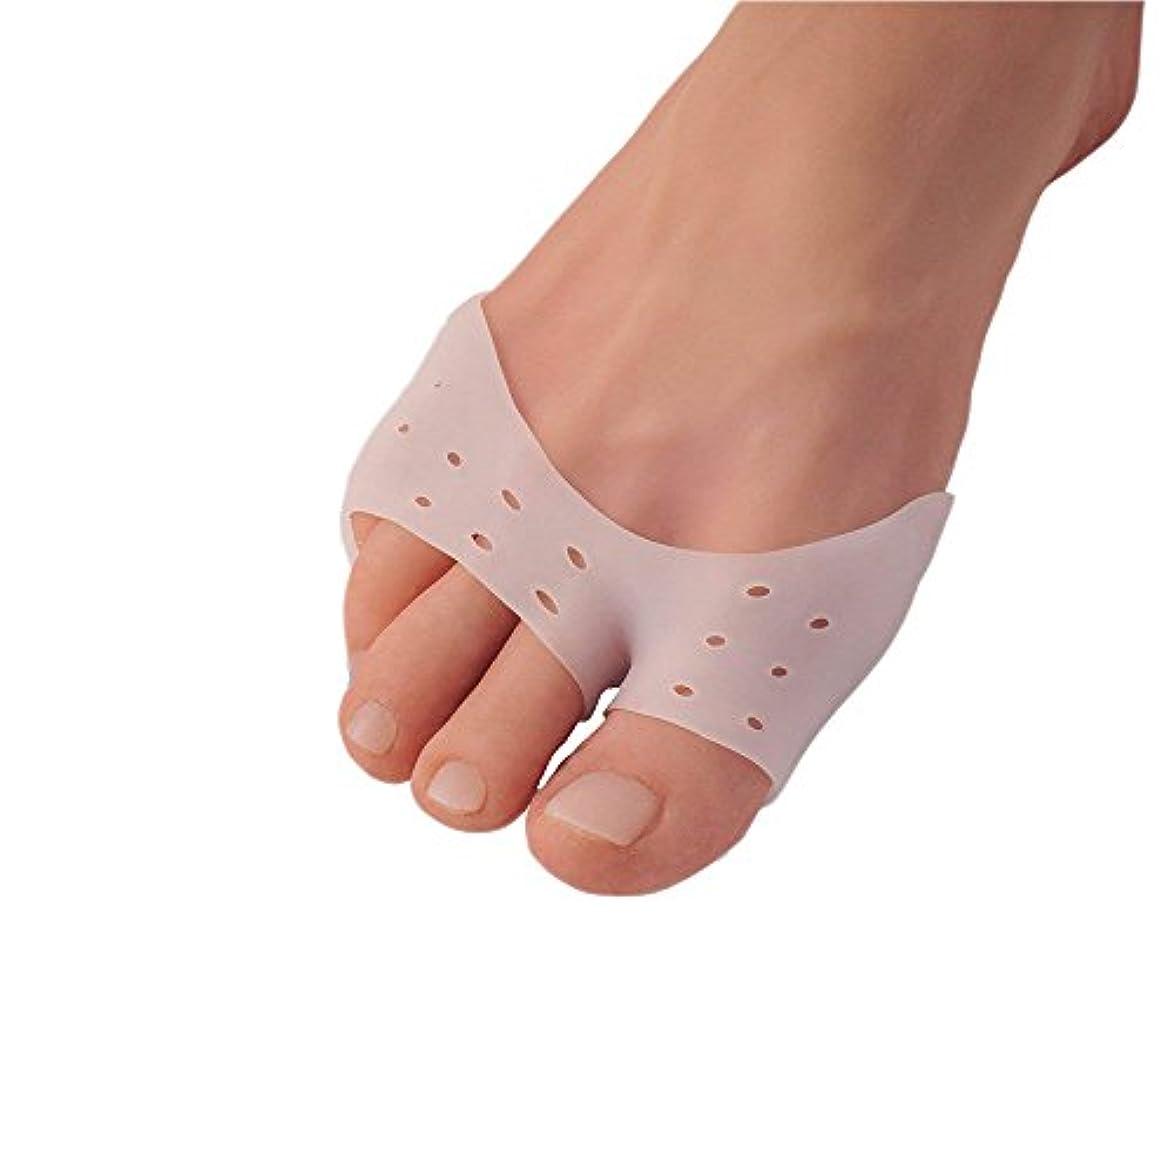 講師悪用毎年5ペア多機能シリカゲルサッカーやバレエつま先スリーブ前足パッドの母趾補正正靴下つま先セパレータ足のケア